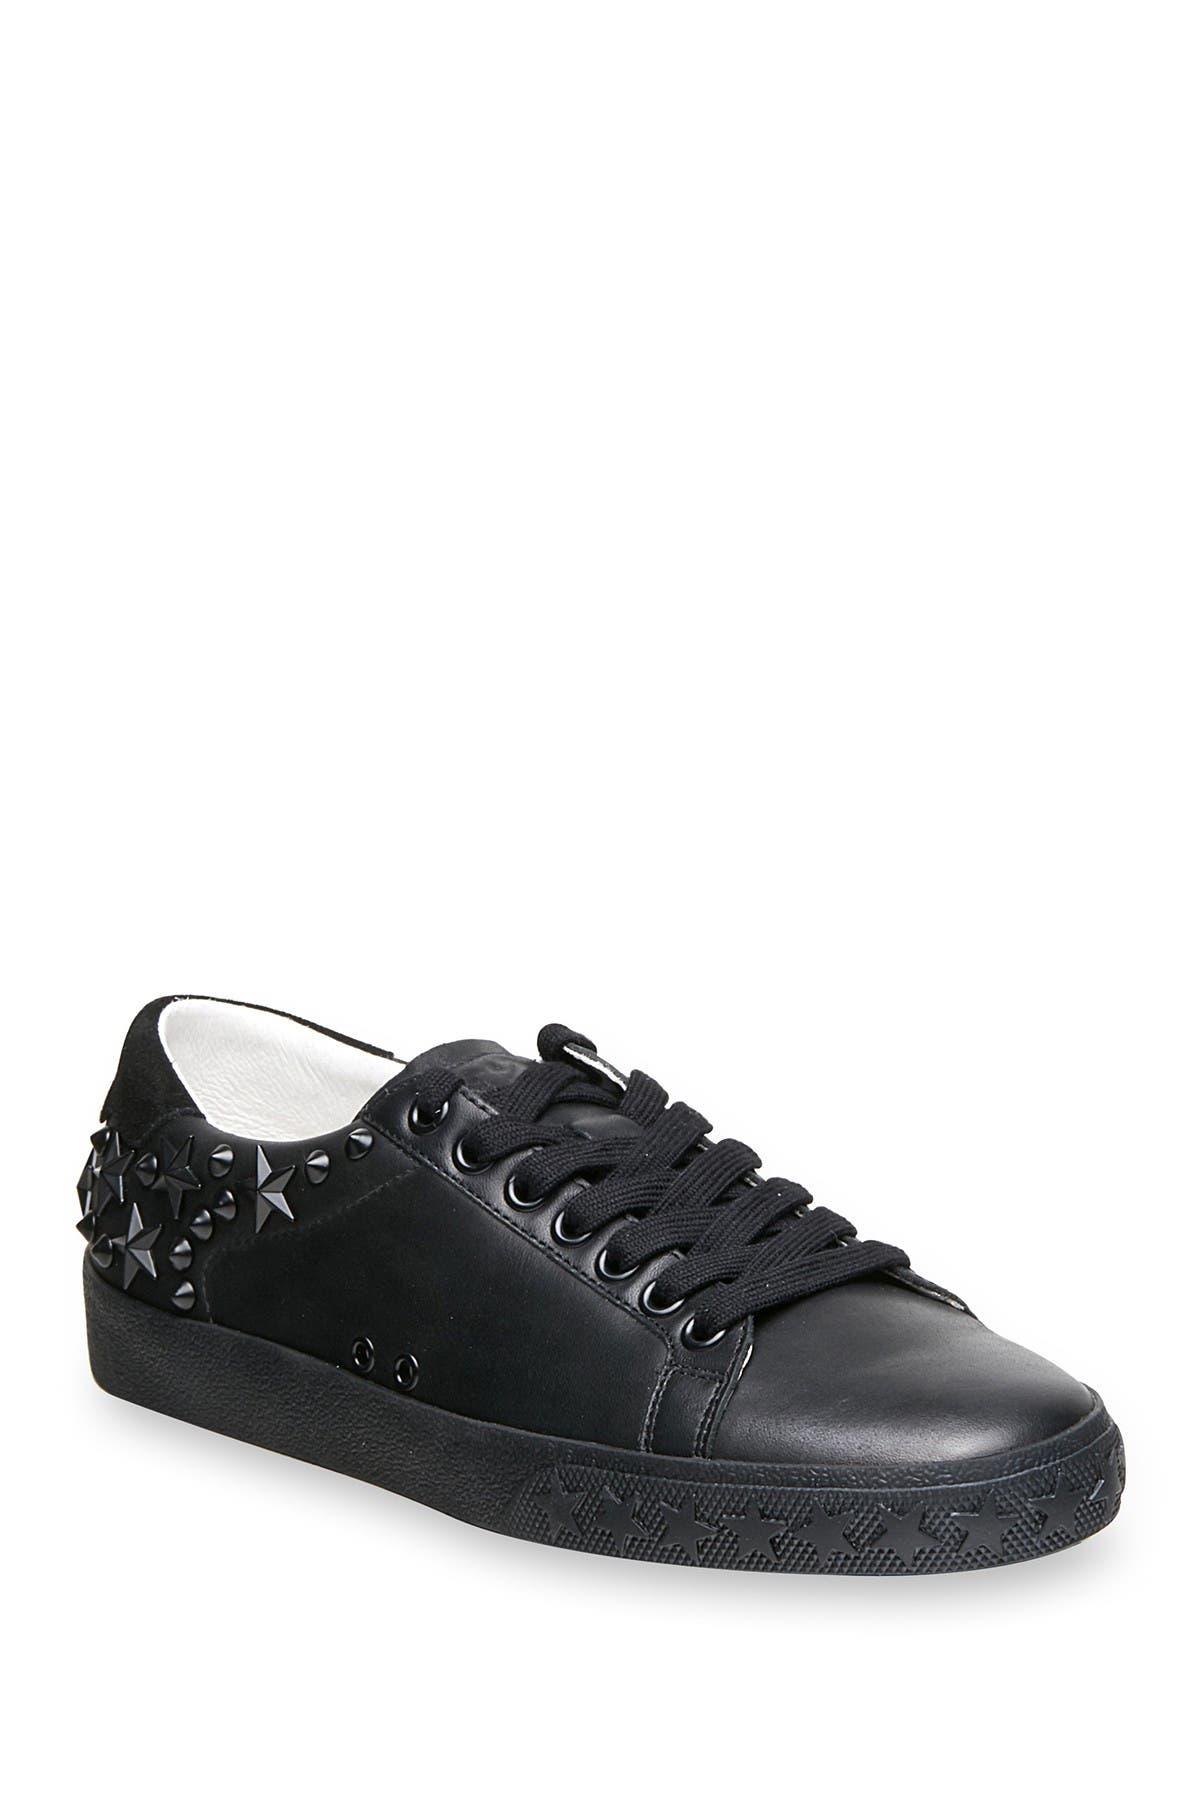 Ash | Dazed Studded Sneaker | Nordstrom